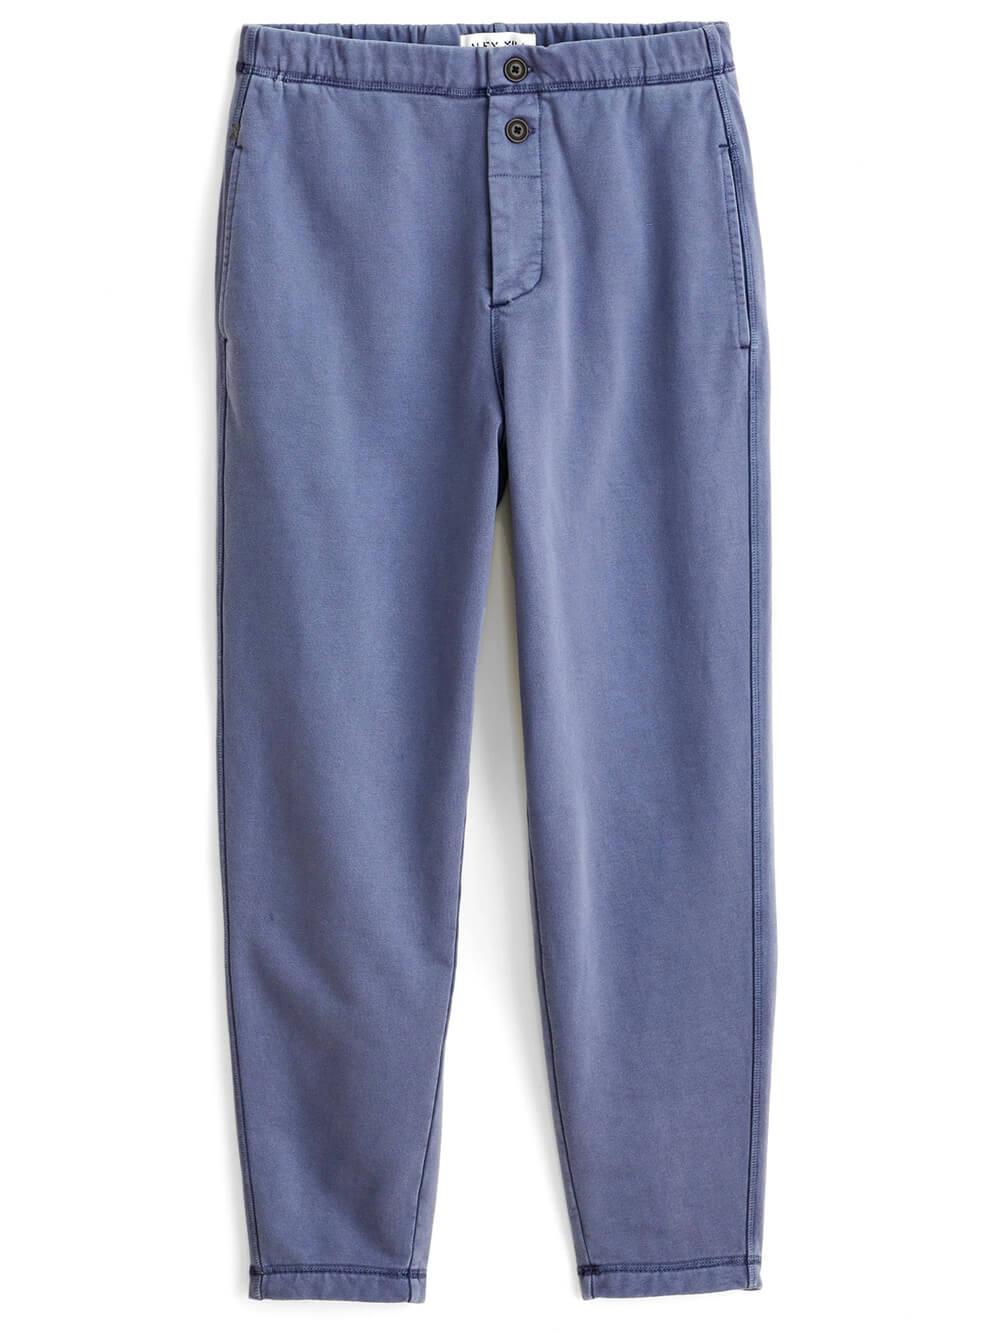 Davie Fleece Pants Item # 200-WK063-2639